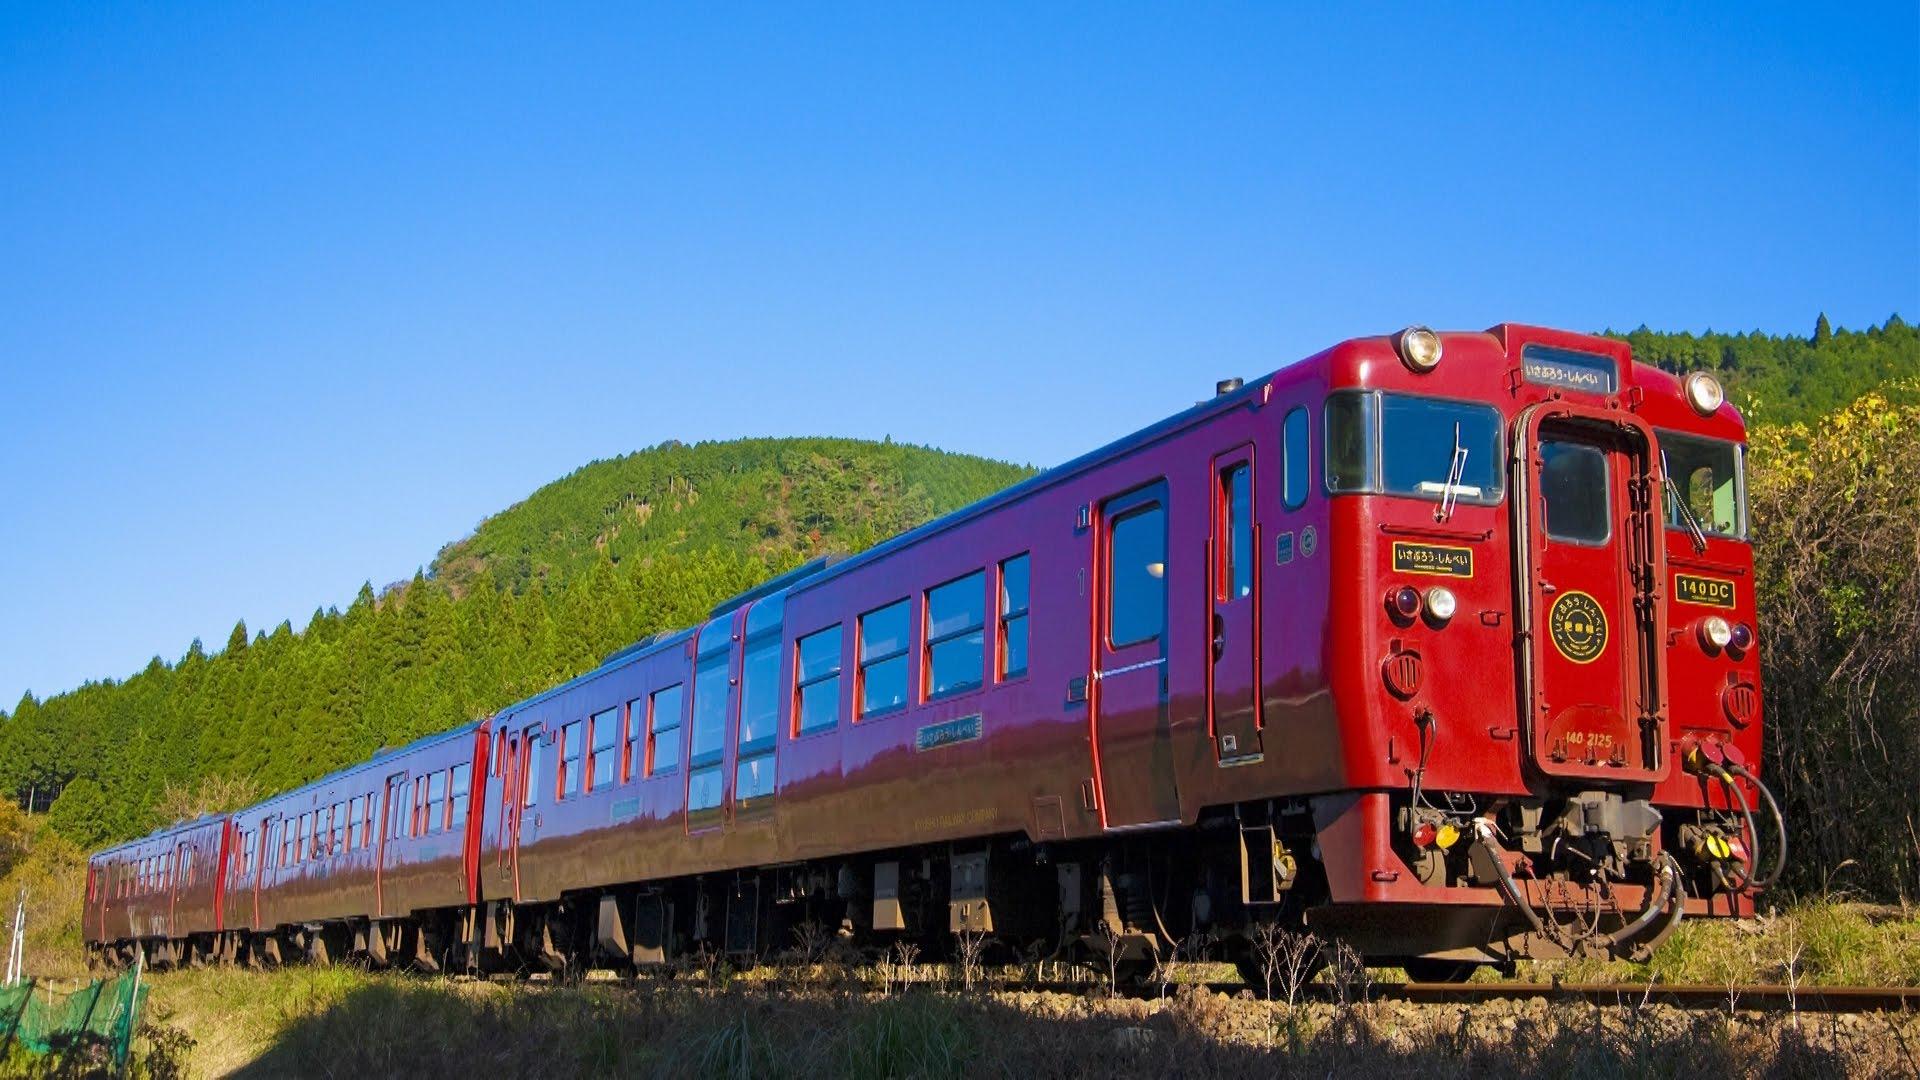 いさぶろう・しんぺい号で鹿児島から熊本へ!特急予約は必要?車内販売は?